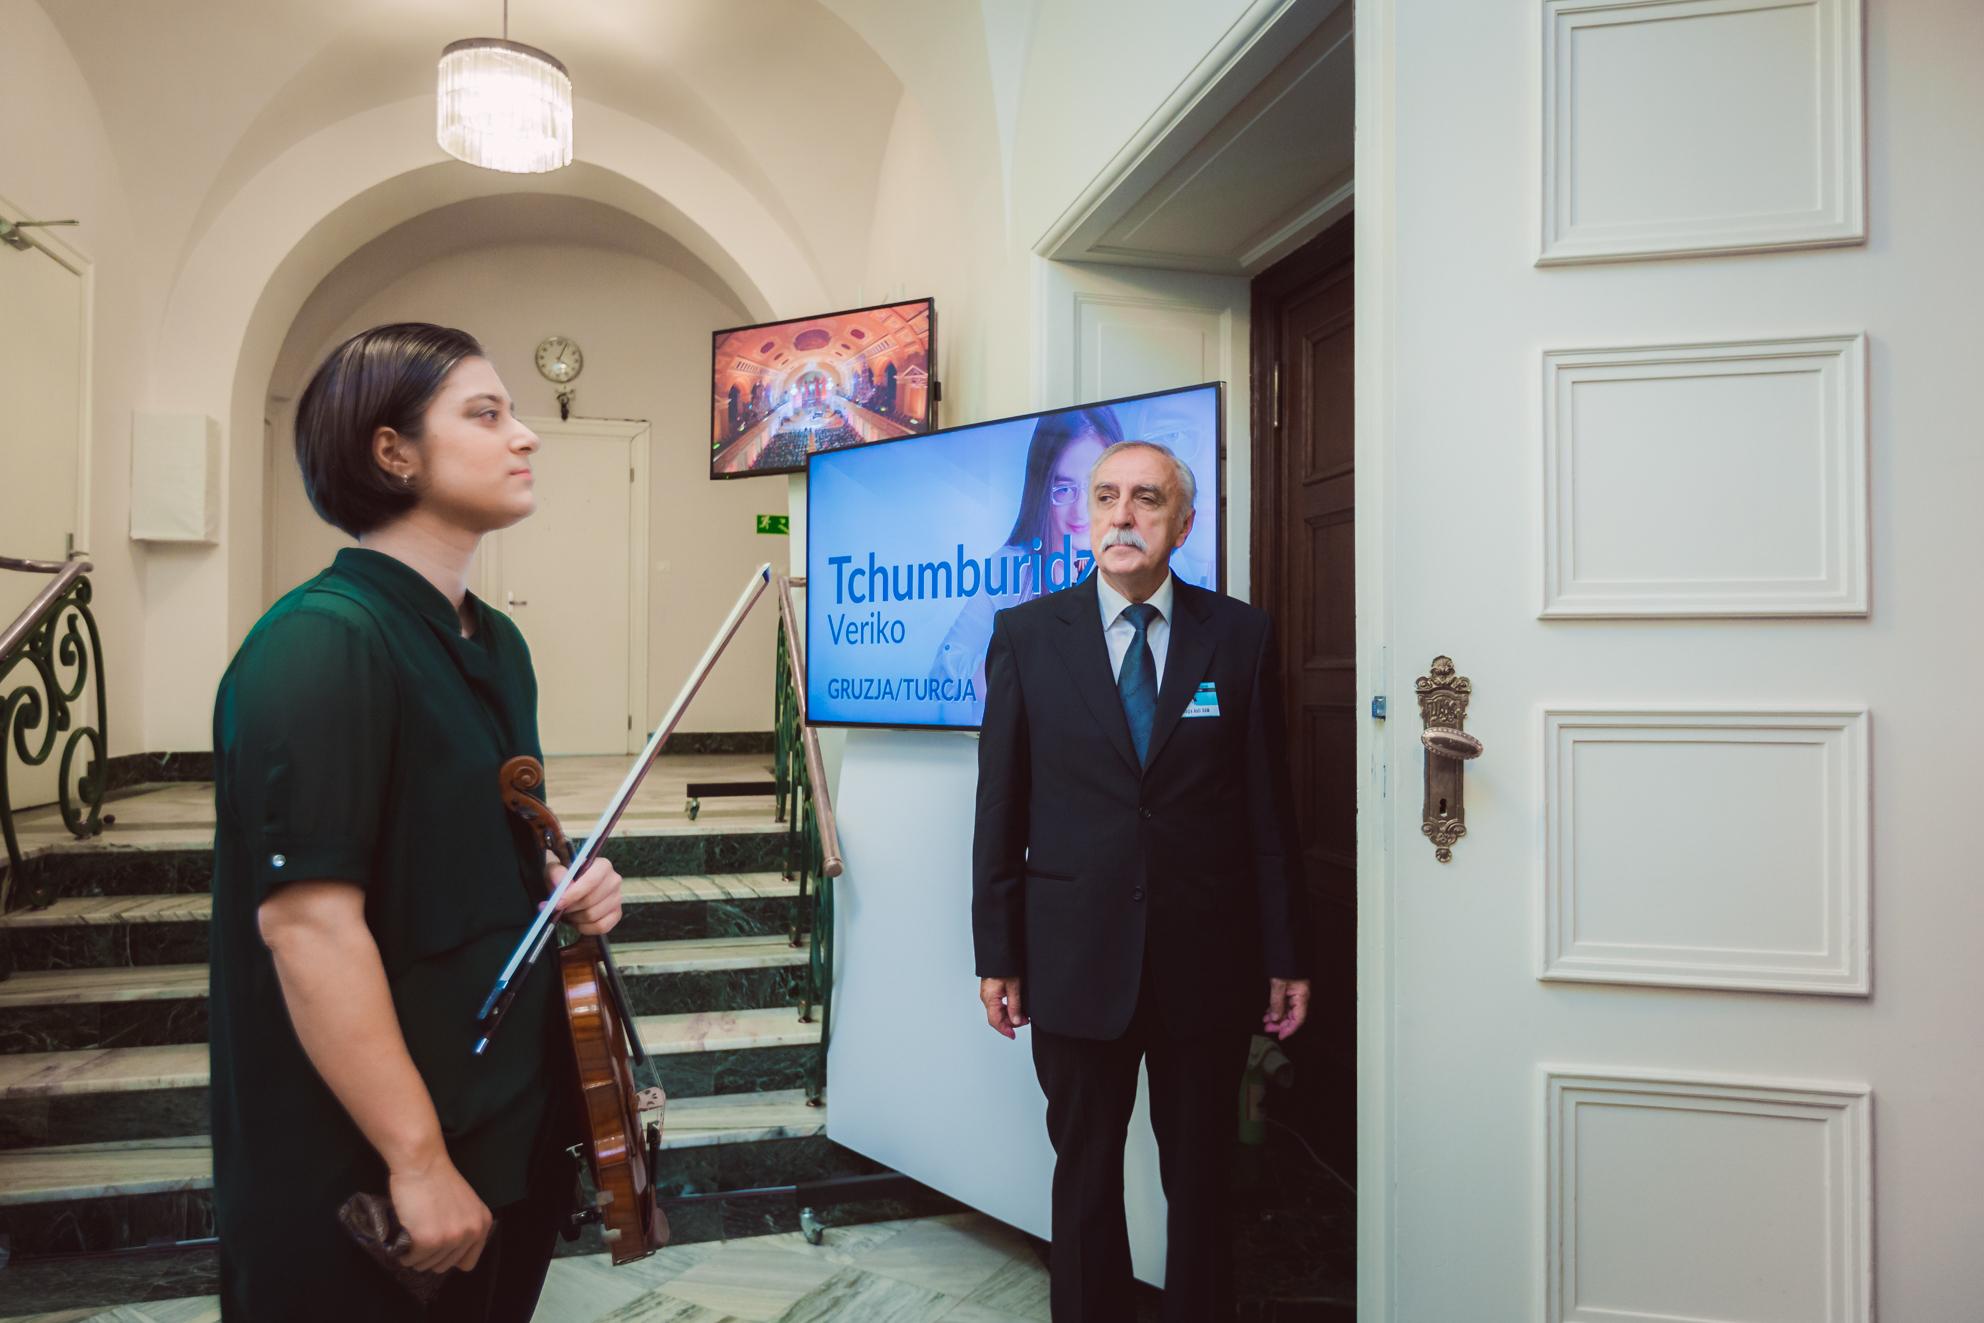 Veriko Tchumburidze (Gruzja/Turcja) - Etap 2 - 15. Międzynarodowy Konkurs Skrzypcowy im. H. Wieniawskiego BINAURAL | na słuchawki